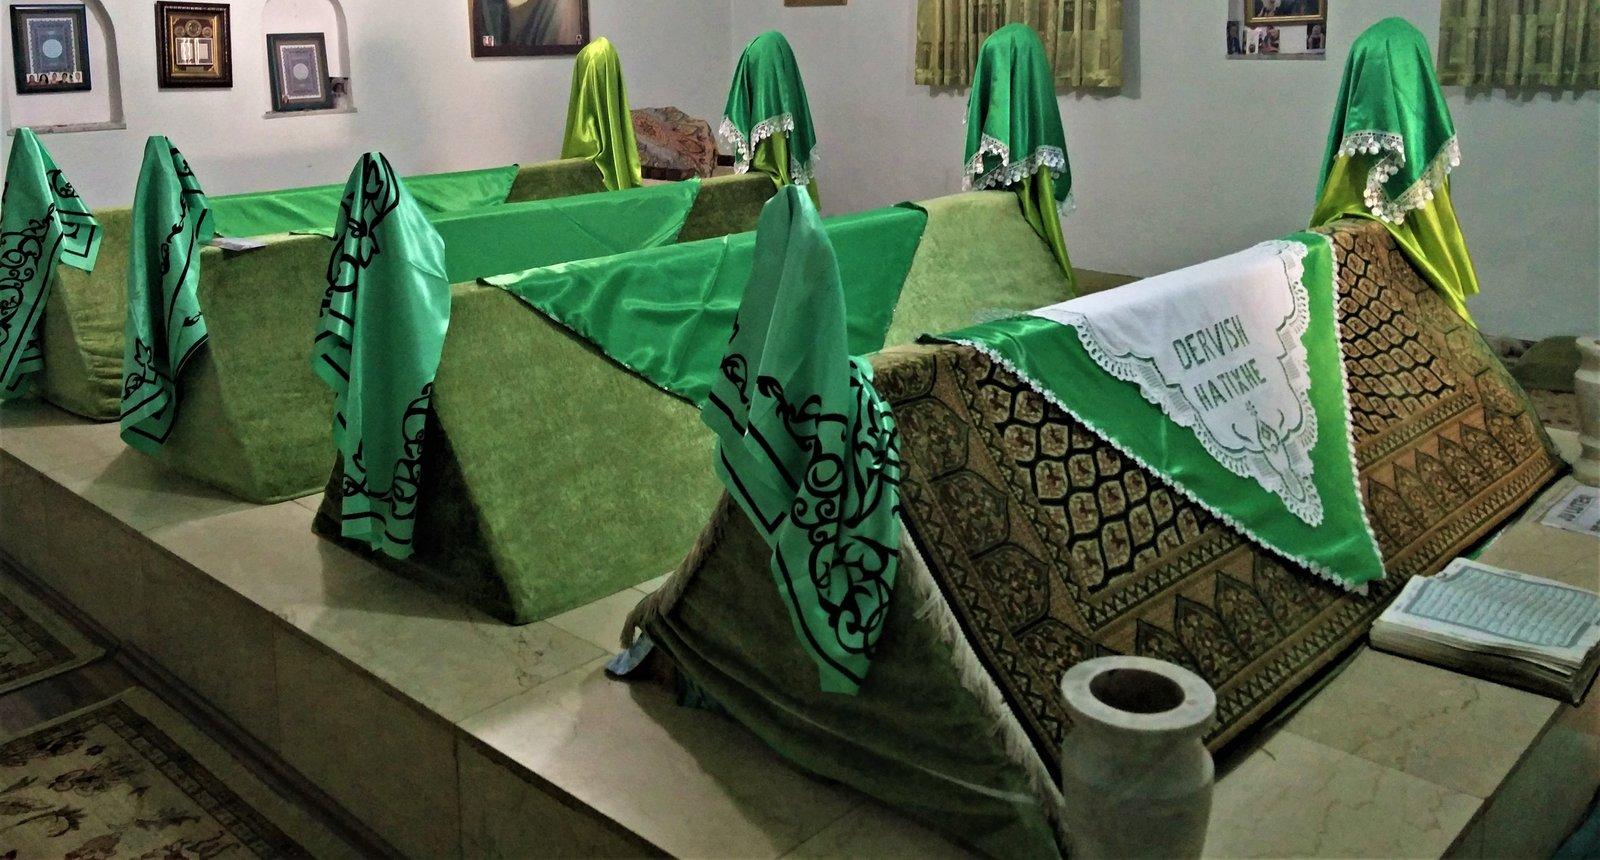 Morts de Saints et Tombeaux Miraculeux chez les Derviches des Balkans -2ème partie-  dans Croyances & Légendes 200105102903623254